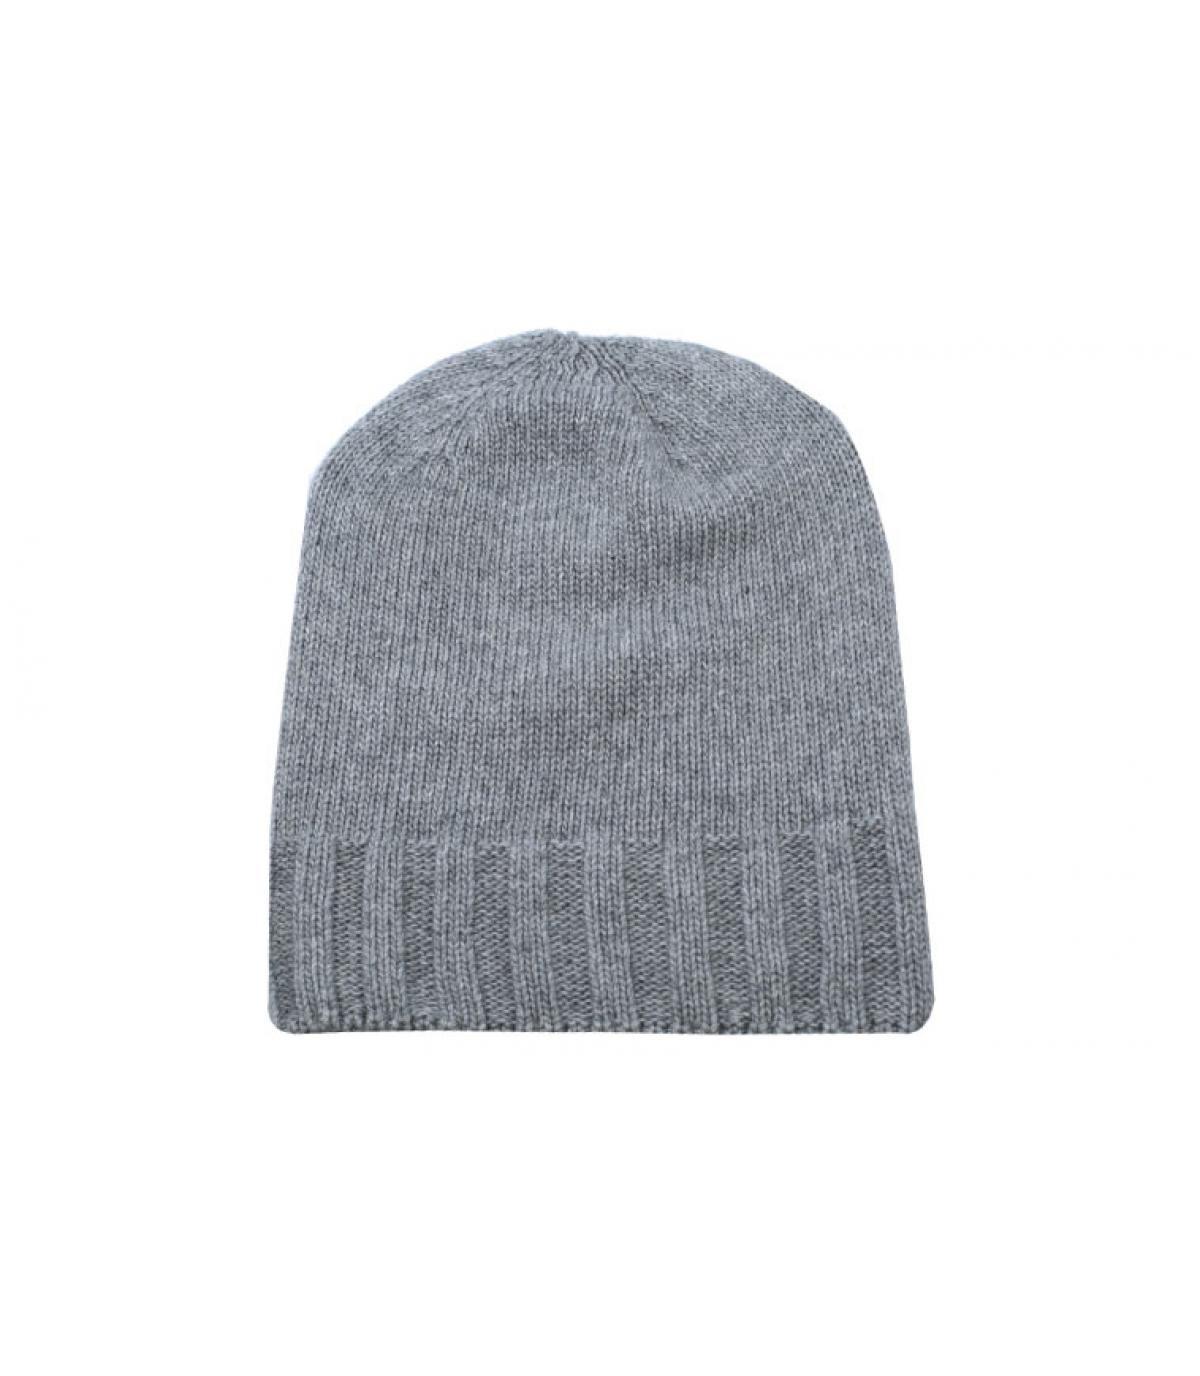 bonnet gris laine recyclé